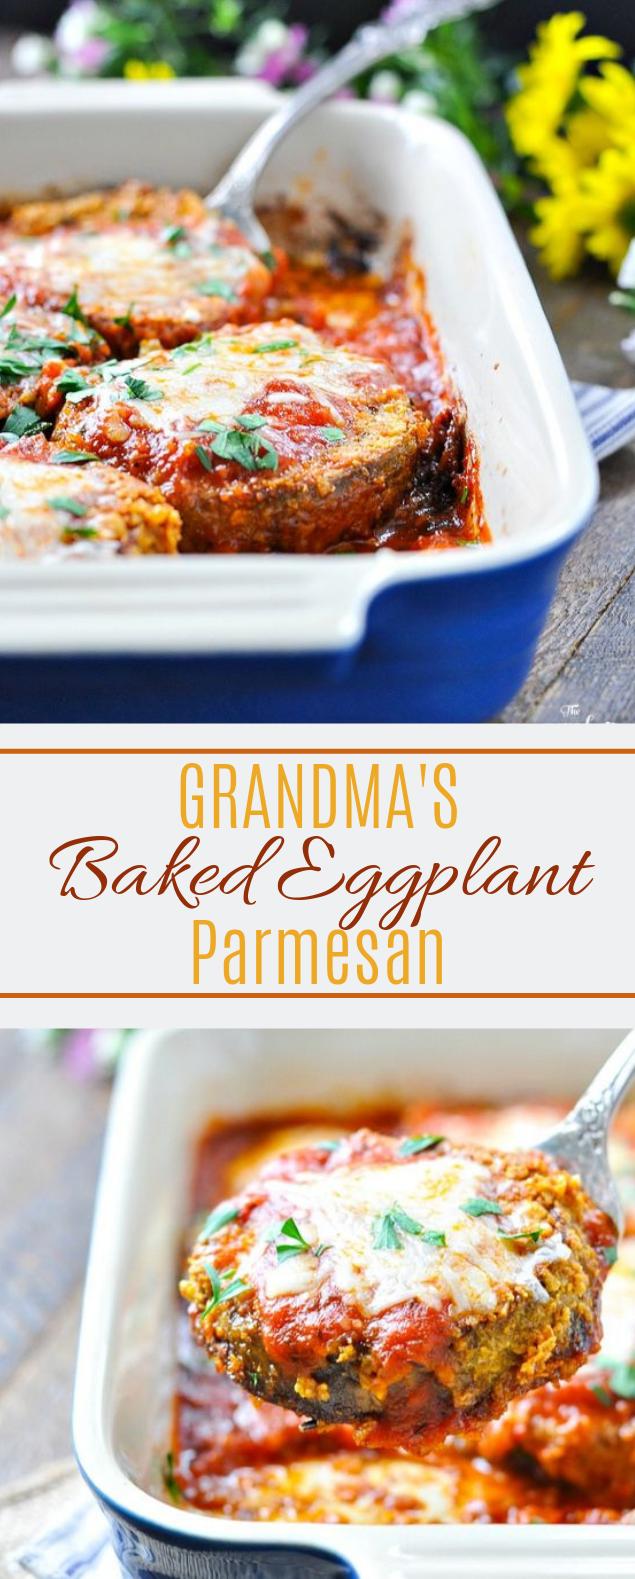 Baked Eggplant Parmesan #weeknight #vegan